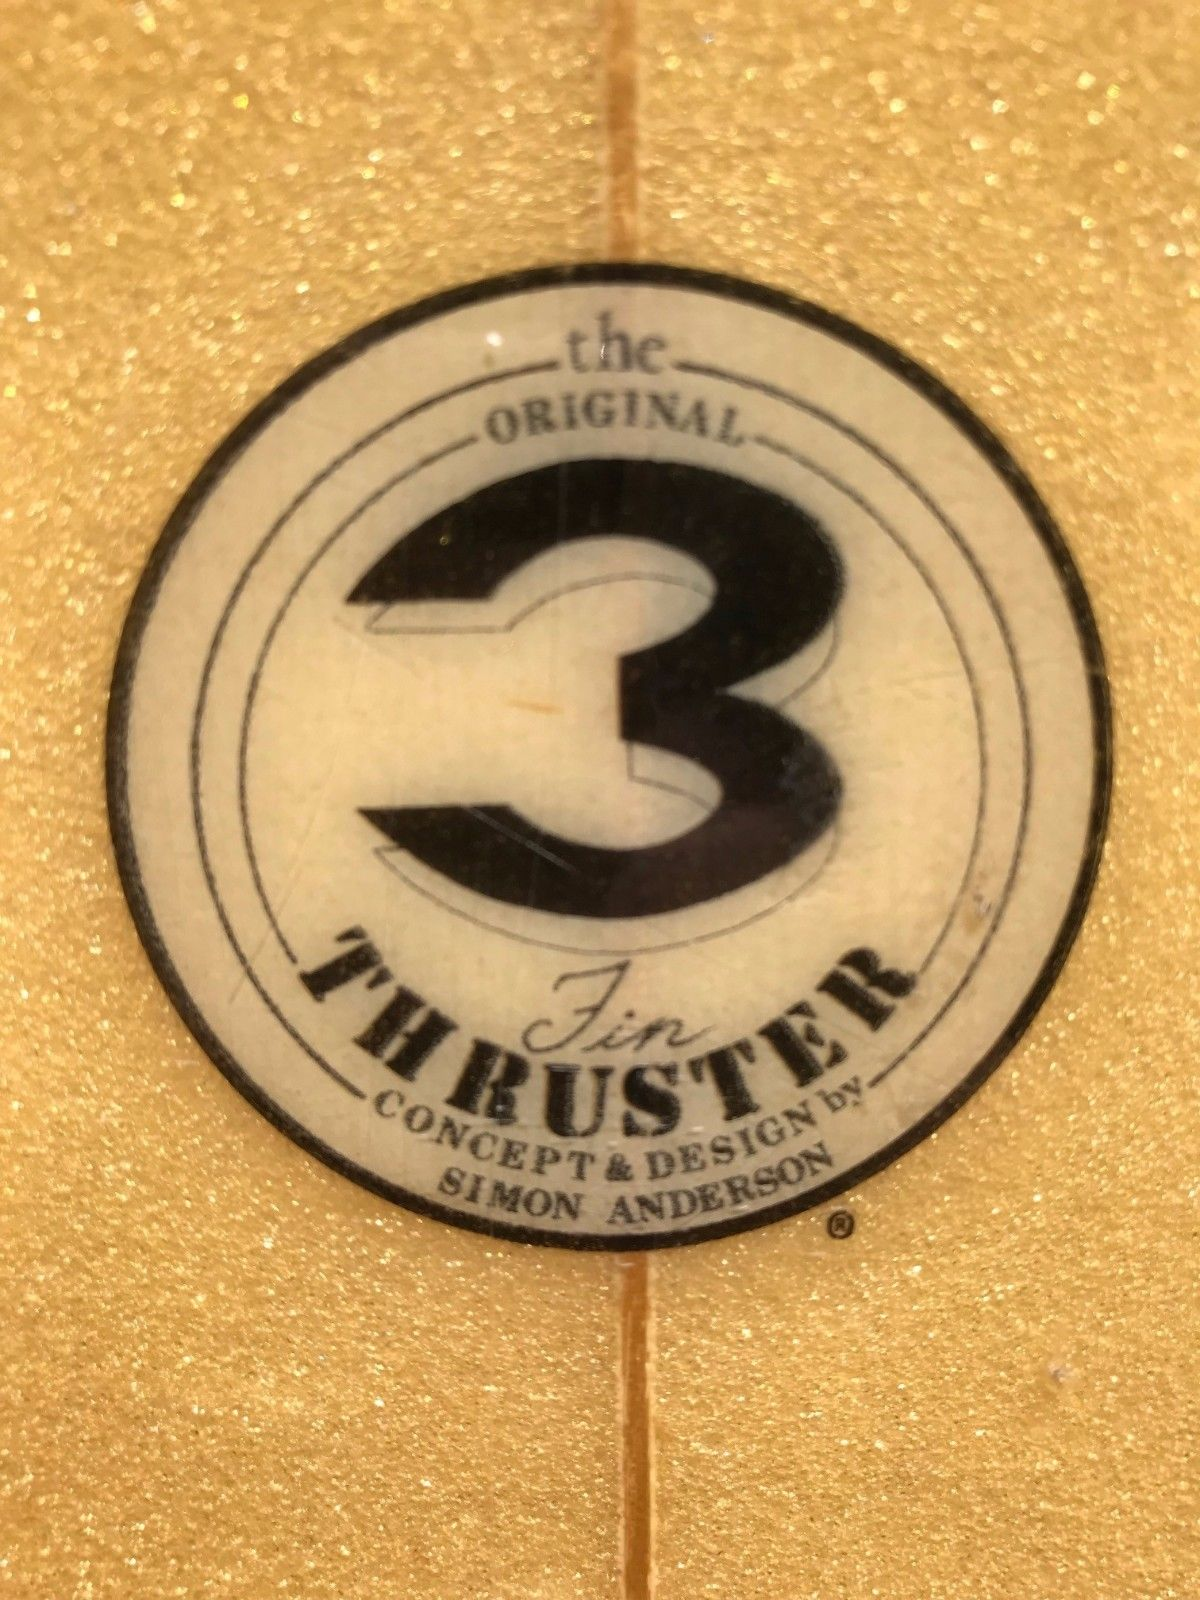 Energy Simon Anderson Thruster Logo.jpg